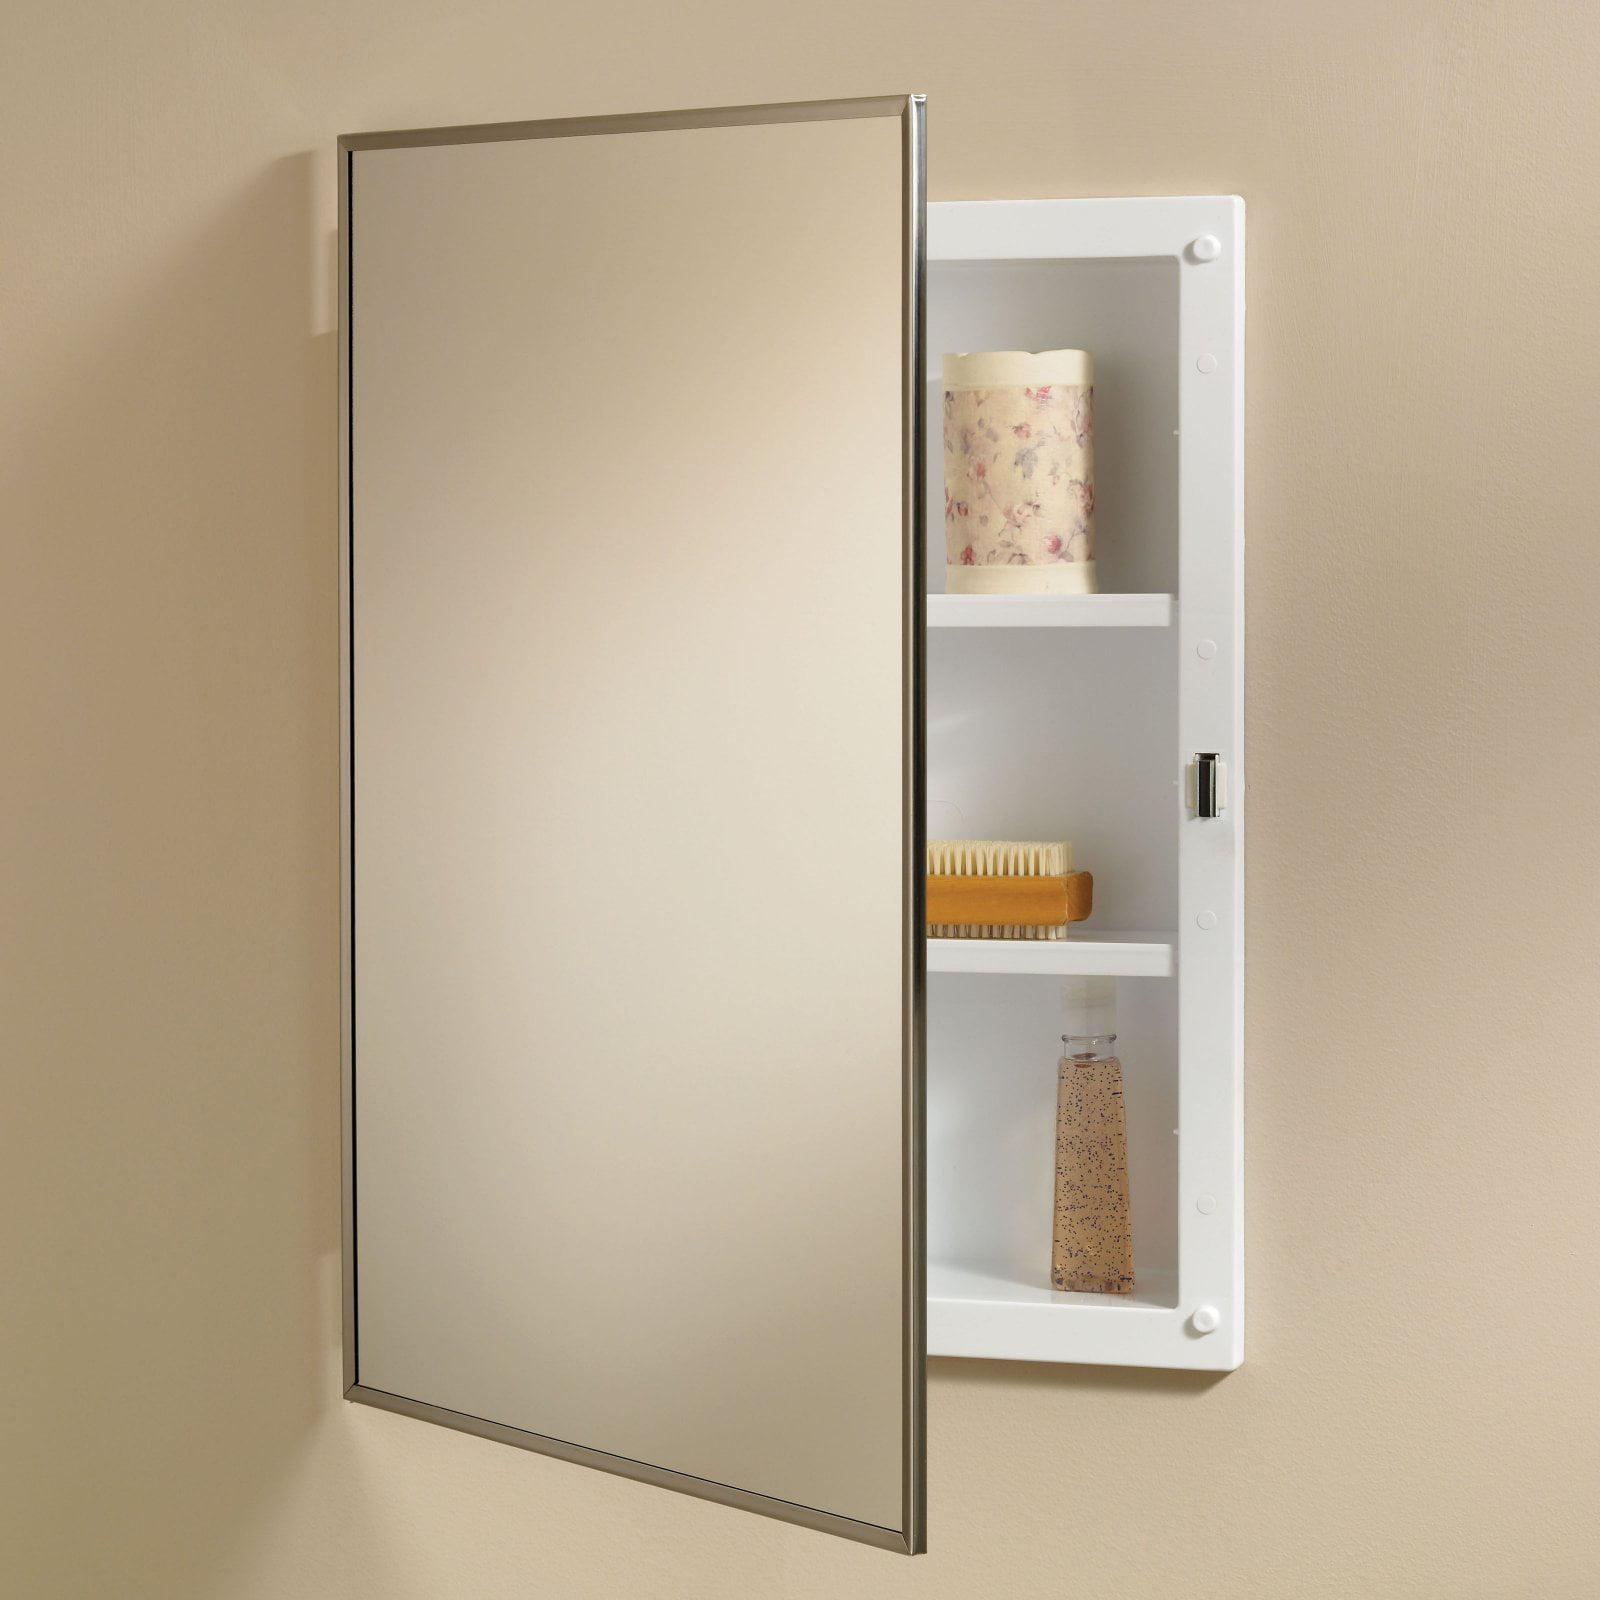 Jensen Medicine Cabinet Styleline 16W x 22H in. Recessed ...